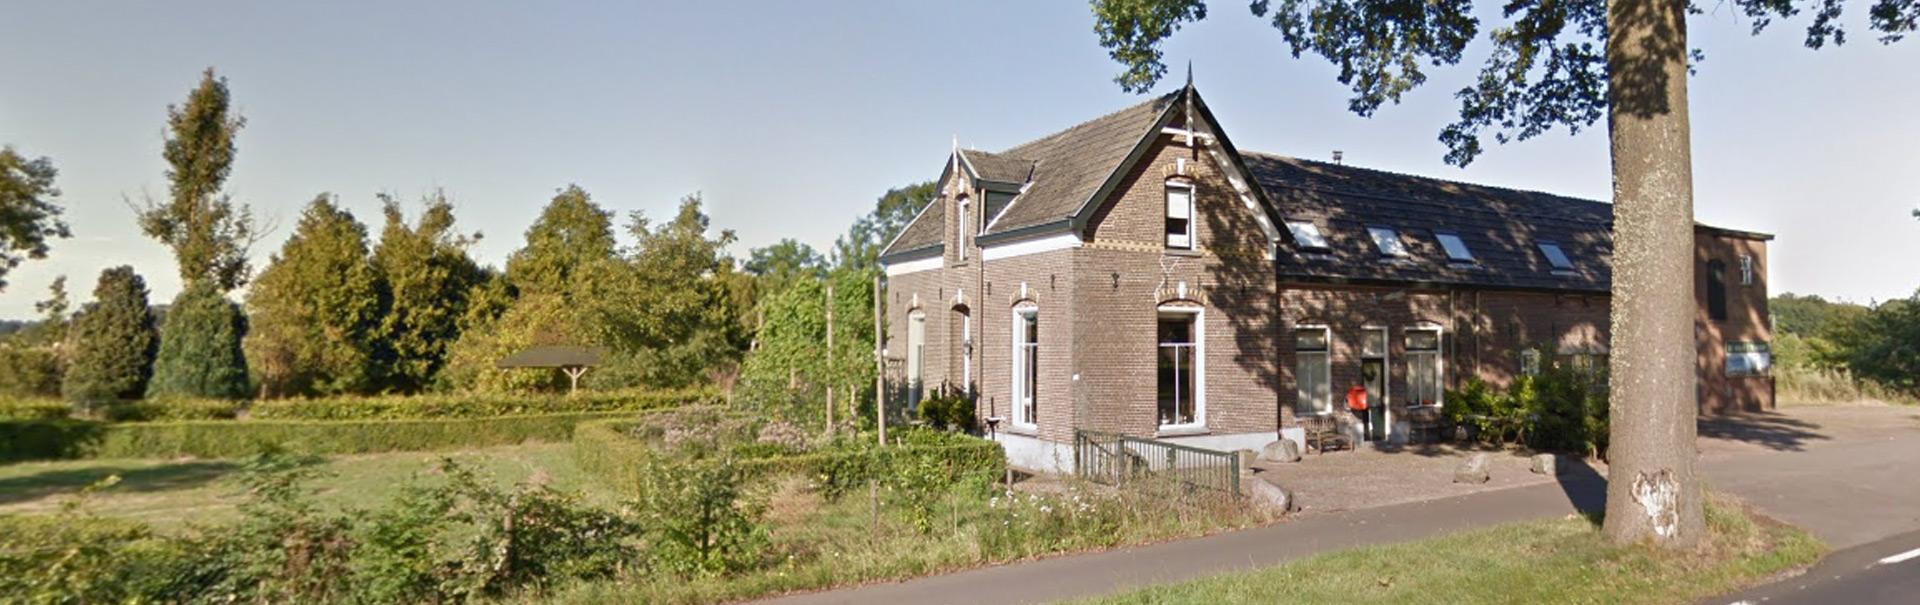 Luijendijk Hoveniers foto van de buitenkant van het pand